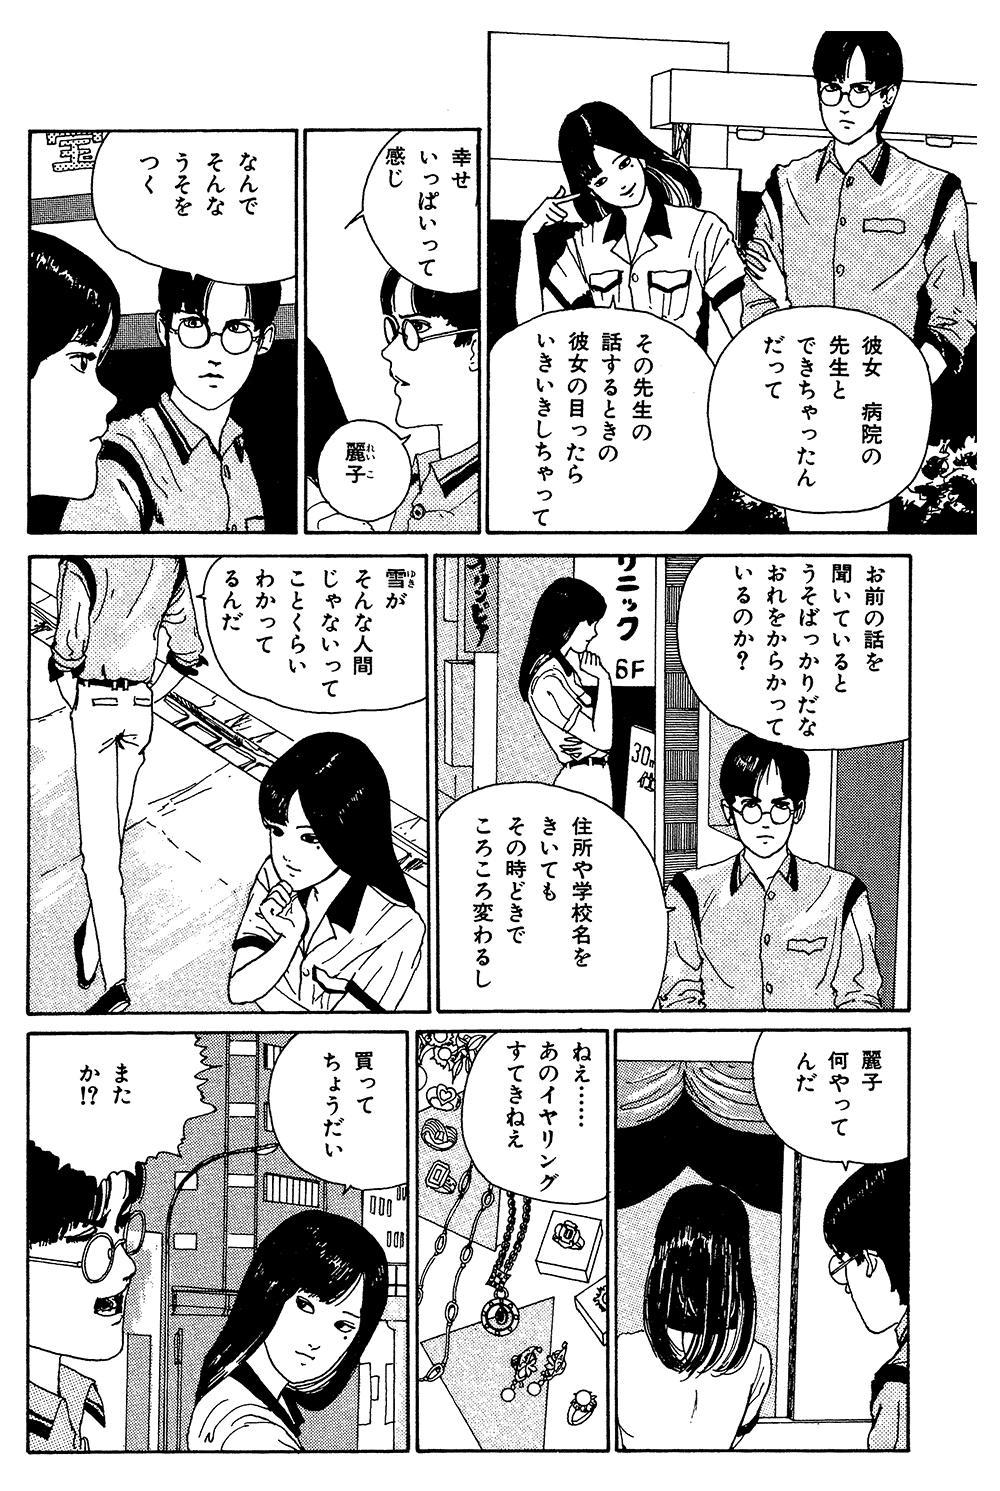 伊藤潤二傑作集 第2話「富江 森田病院編」②itojunji05-02.jpg